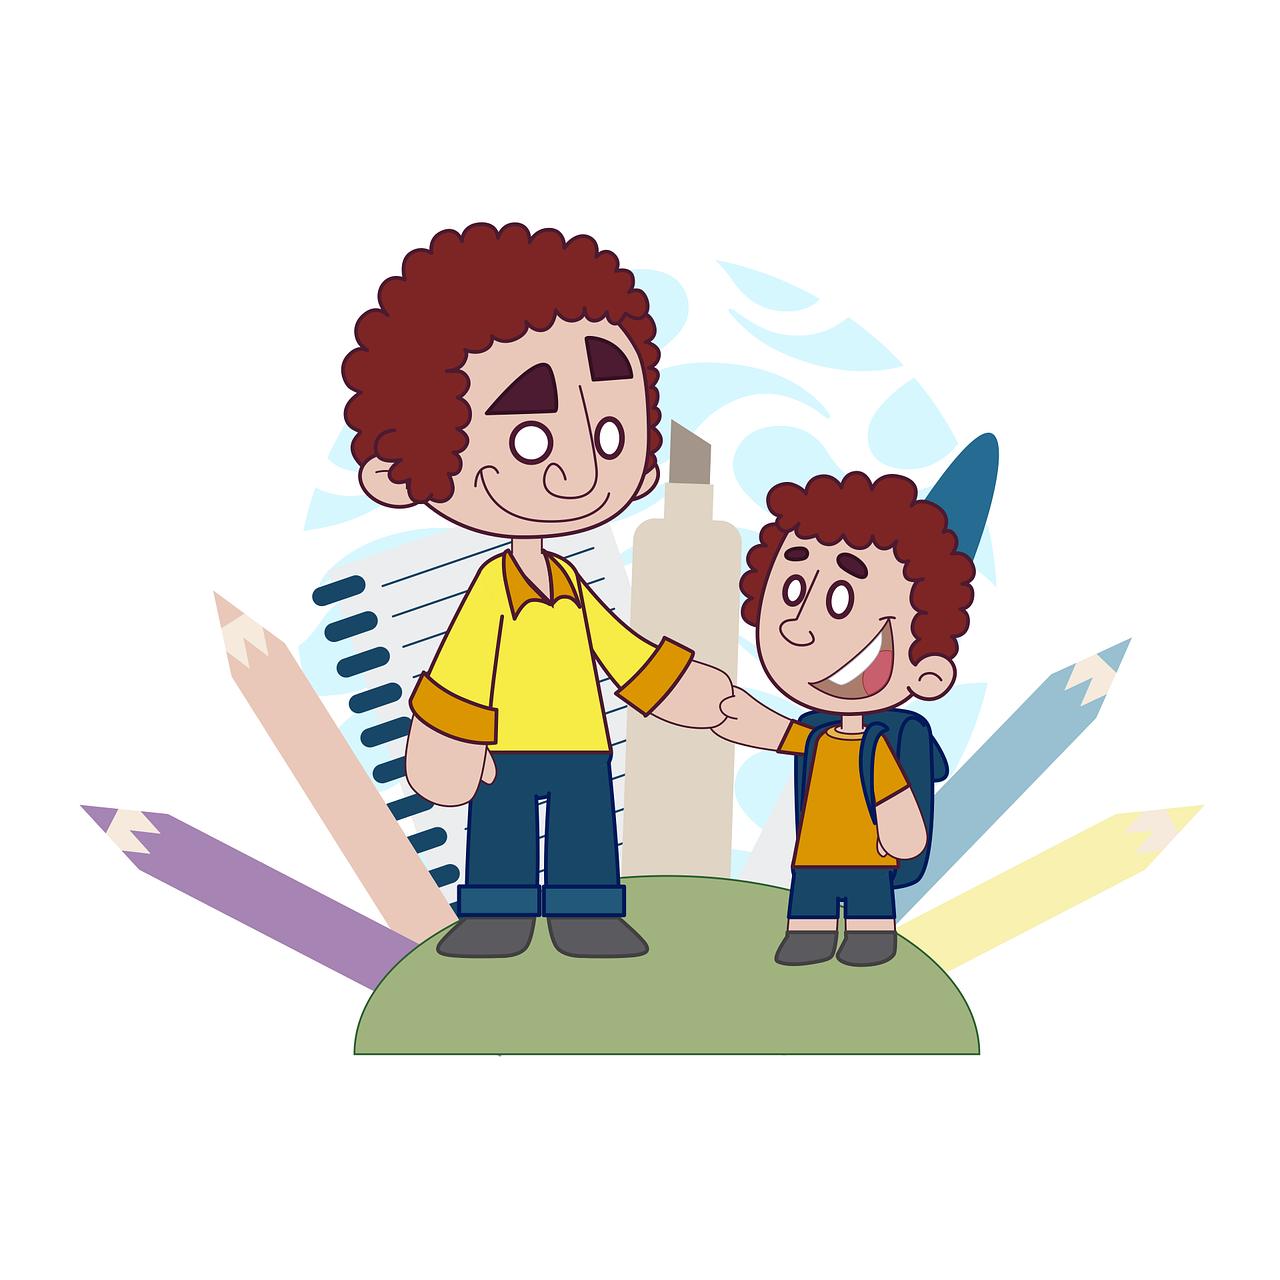 Father Son School Family Class  - andremsantana / Pixabay